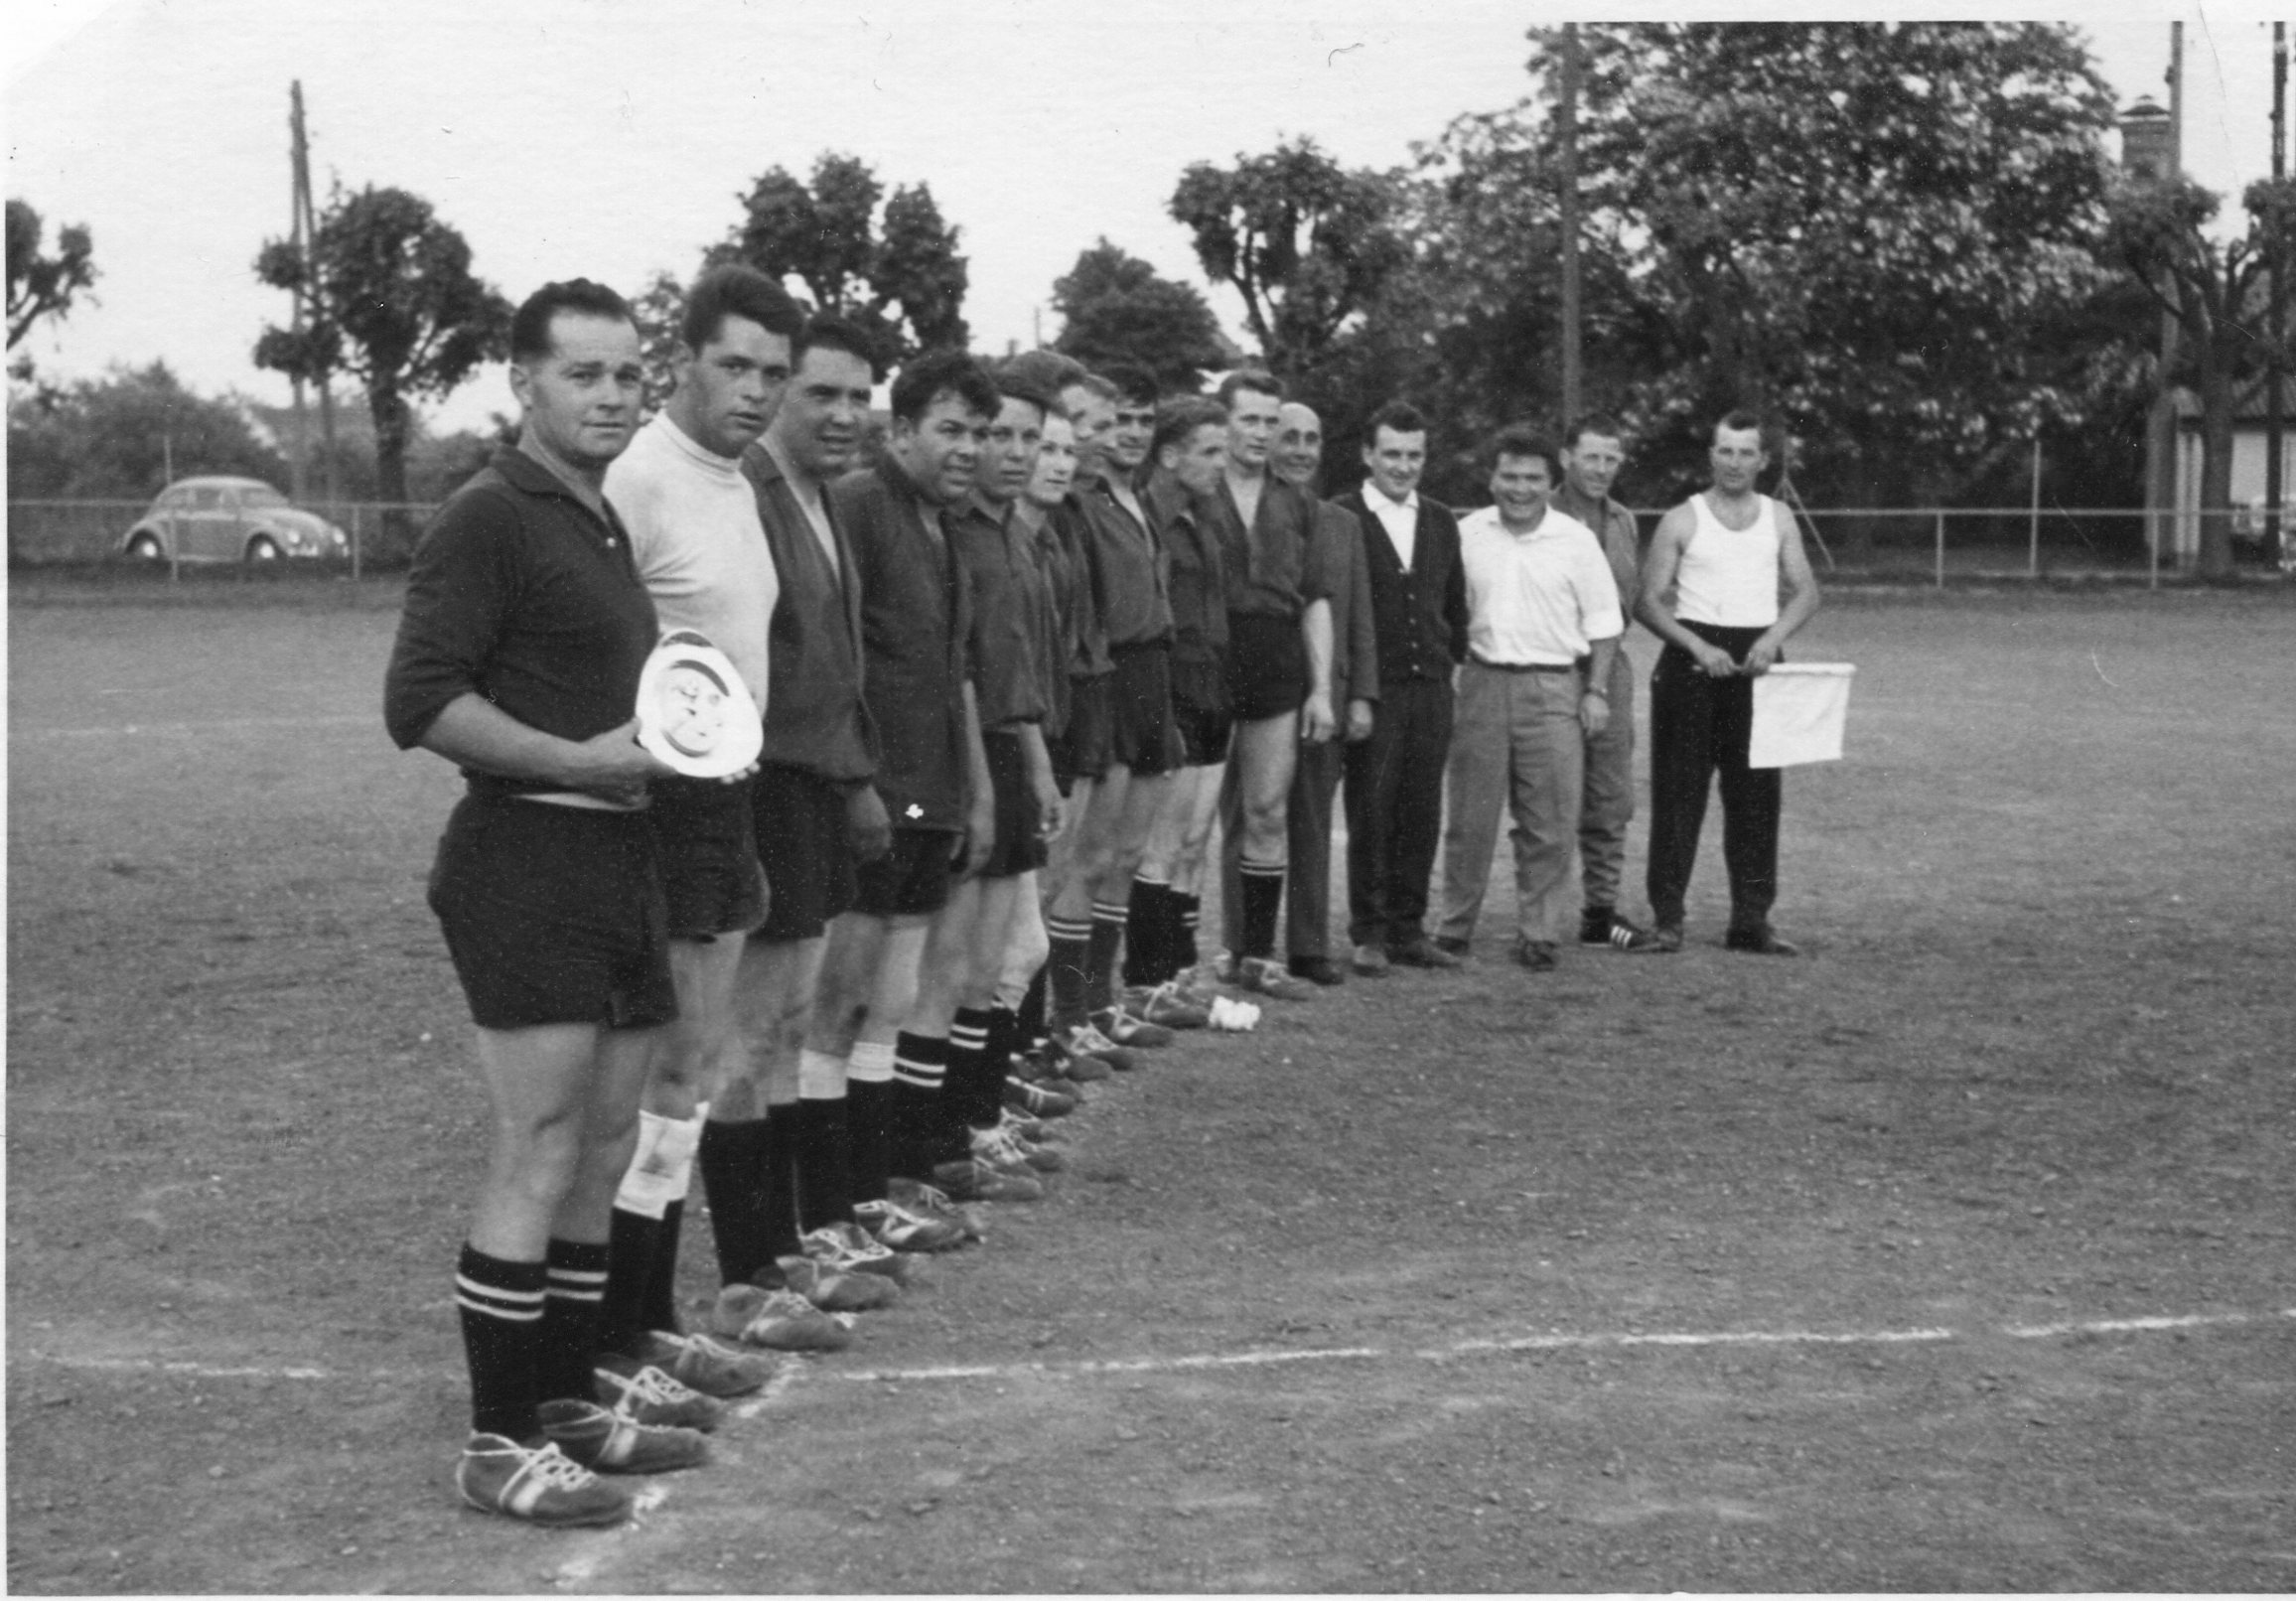 Fußball In Den 60er-Jahren